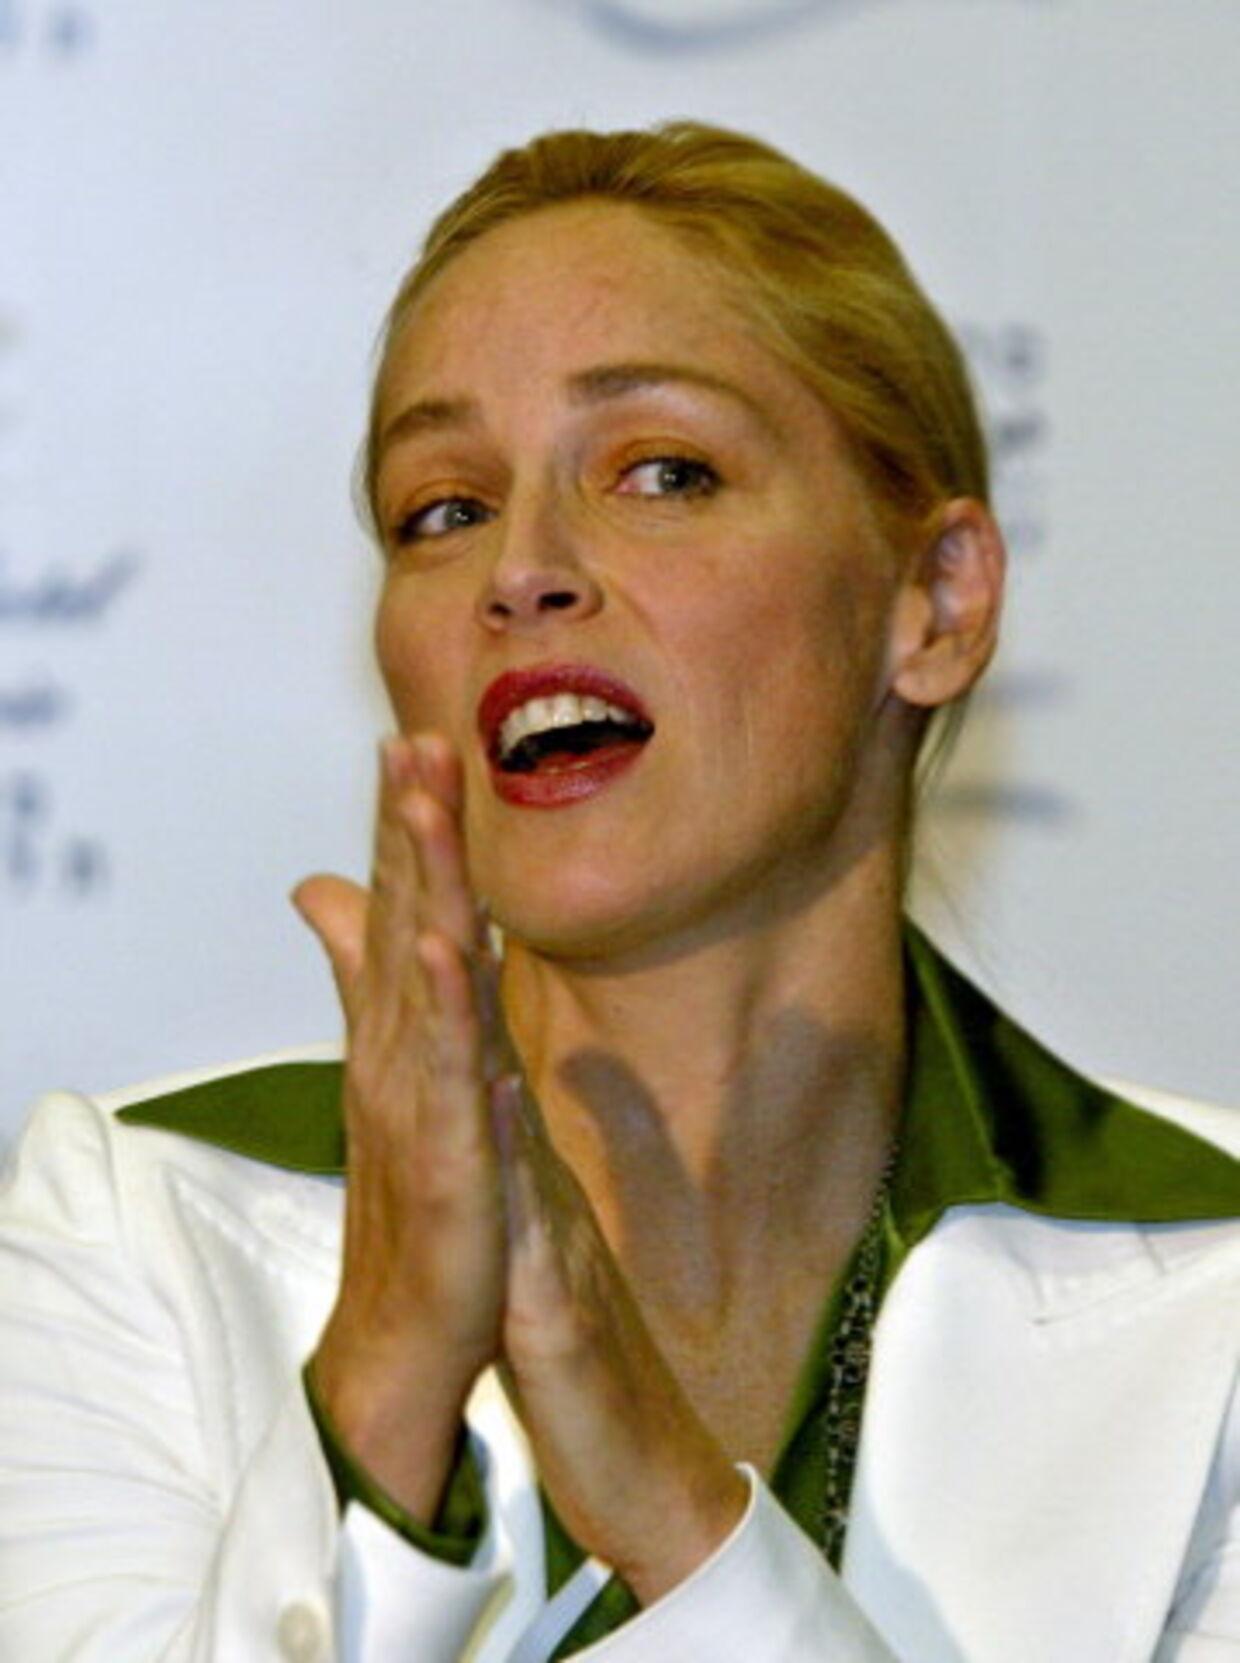 Stone er træt af, at kvindelige skuespillere kun får sexede roller, mens de er unge. Foto: Reuters